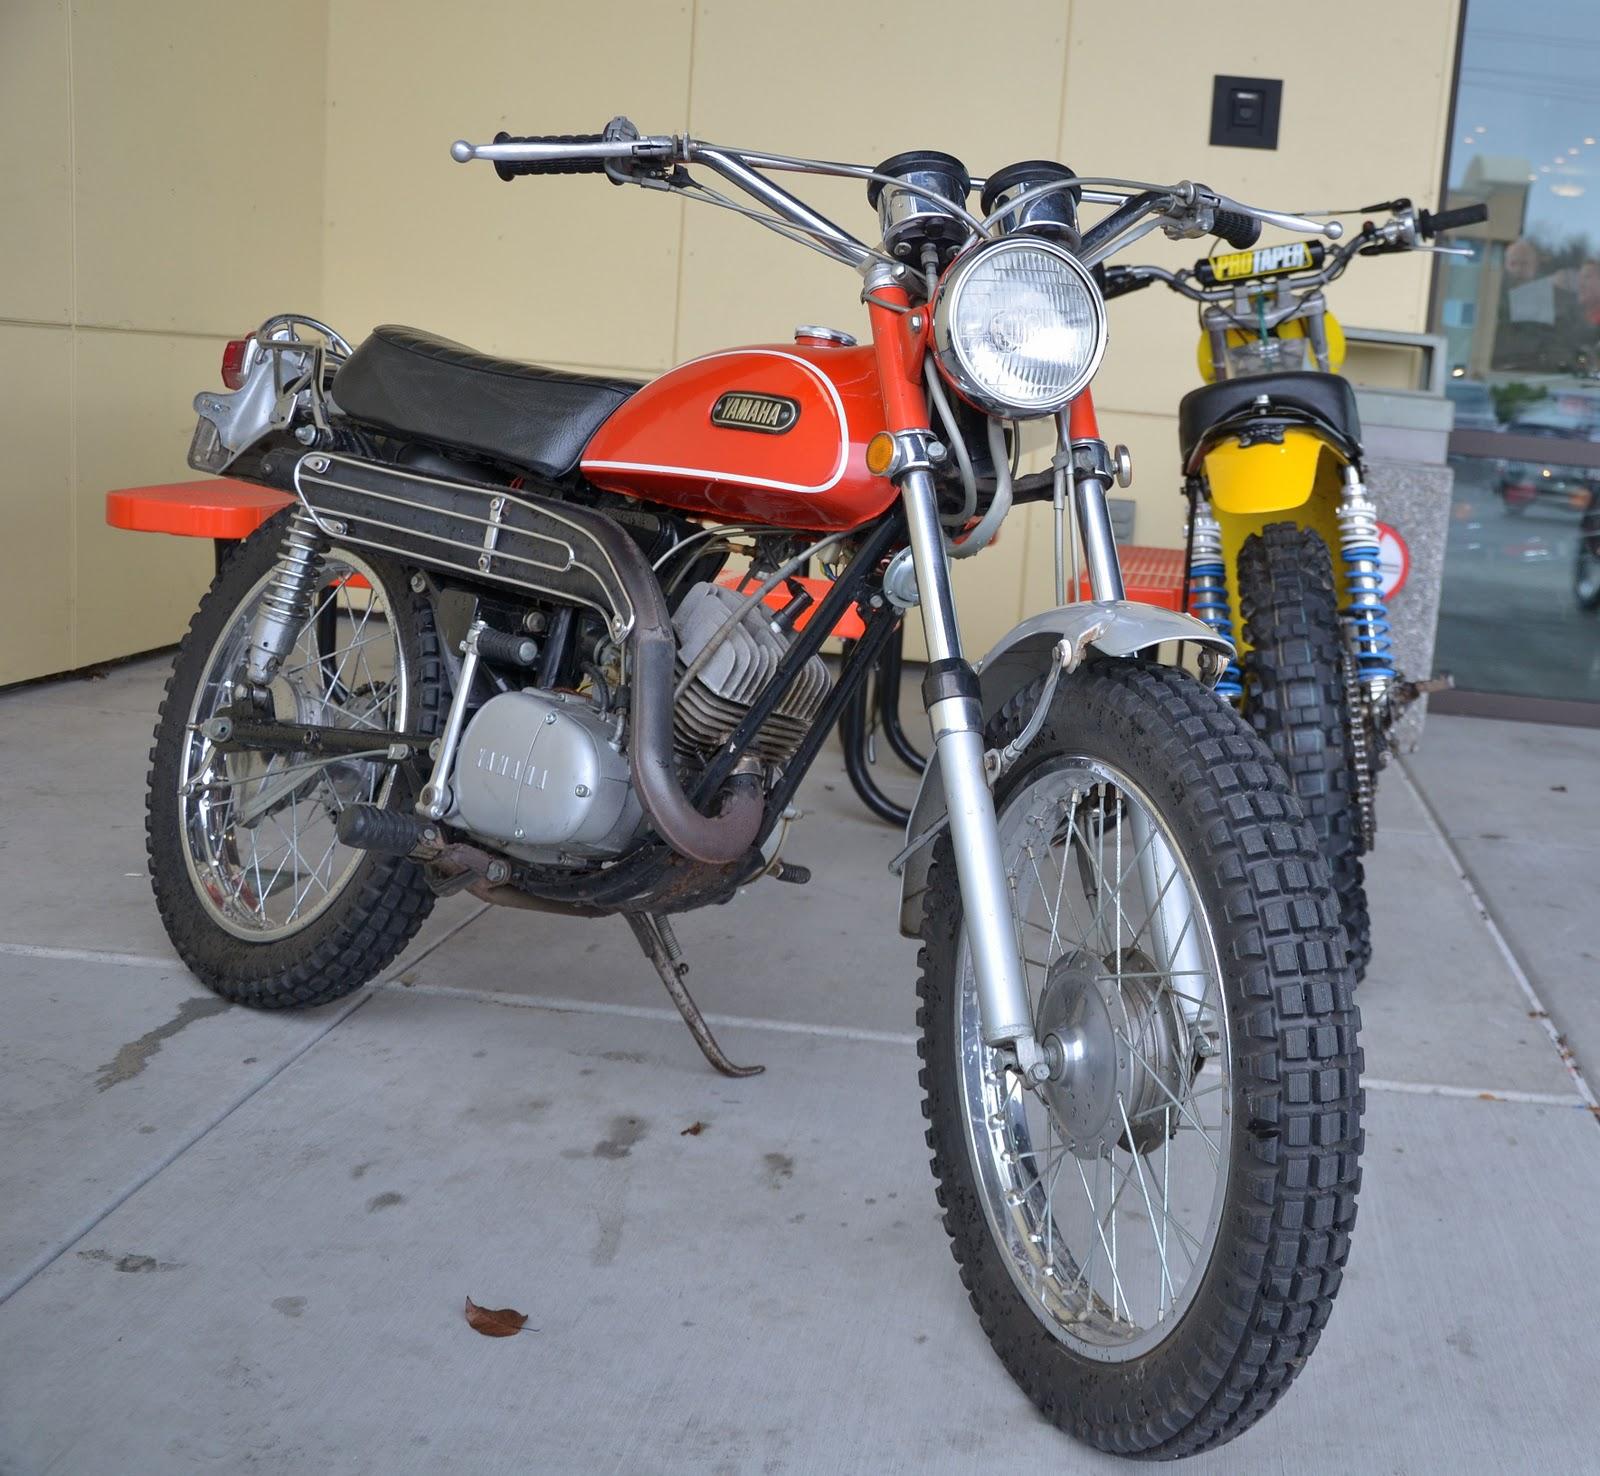 Yo Eddy !!: Vintage Bike Show - Hammer & Tongs  Yo Eddy !!: Vin...